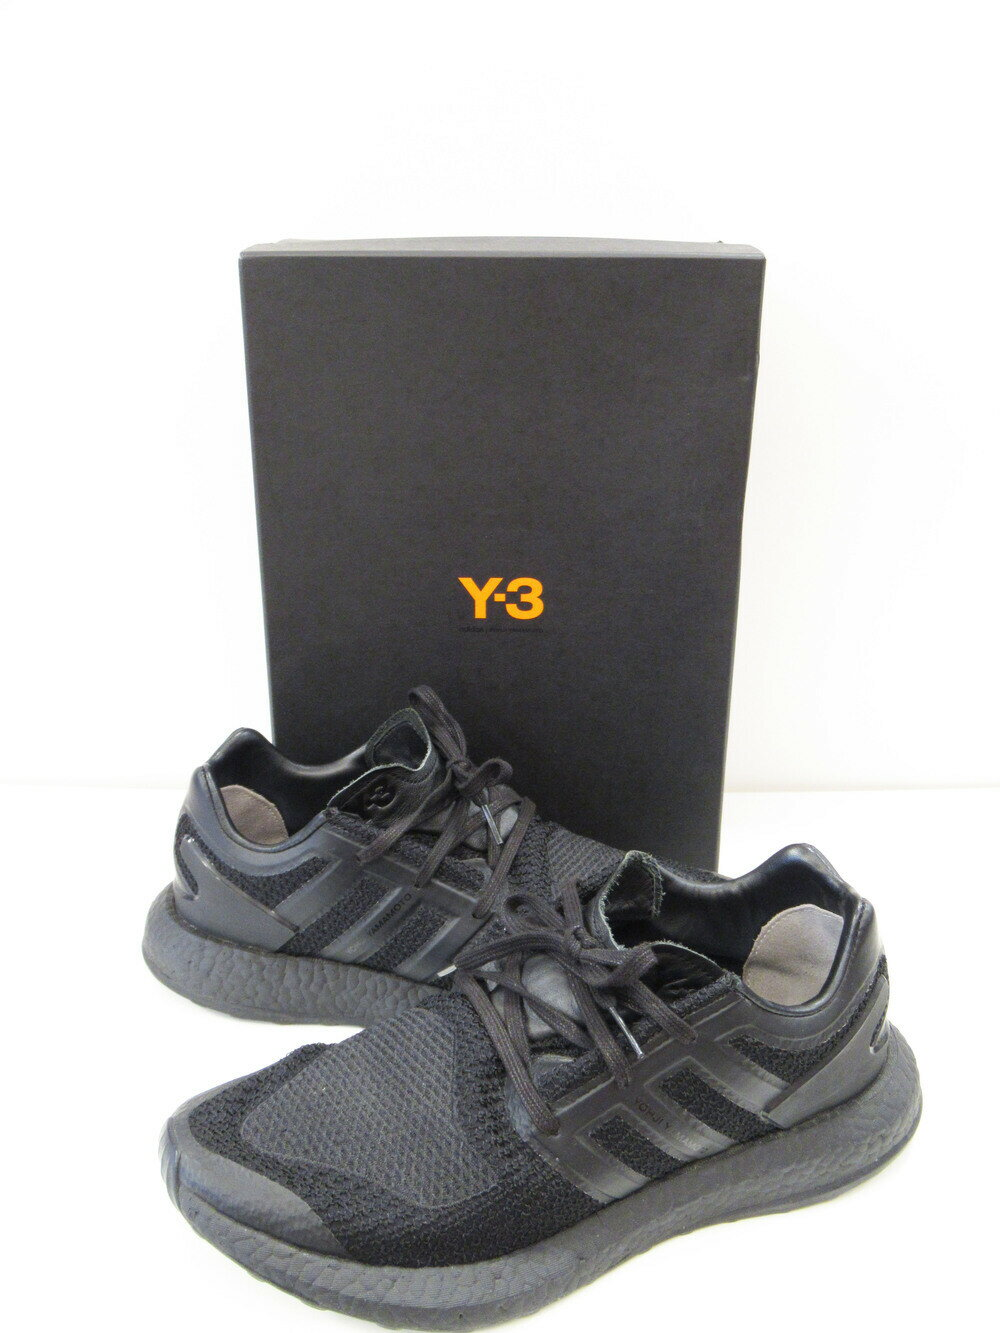 メンズ靴, スニーカー Y-3 PUREBOOST 28cm CP9890 (SH-389)